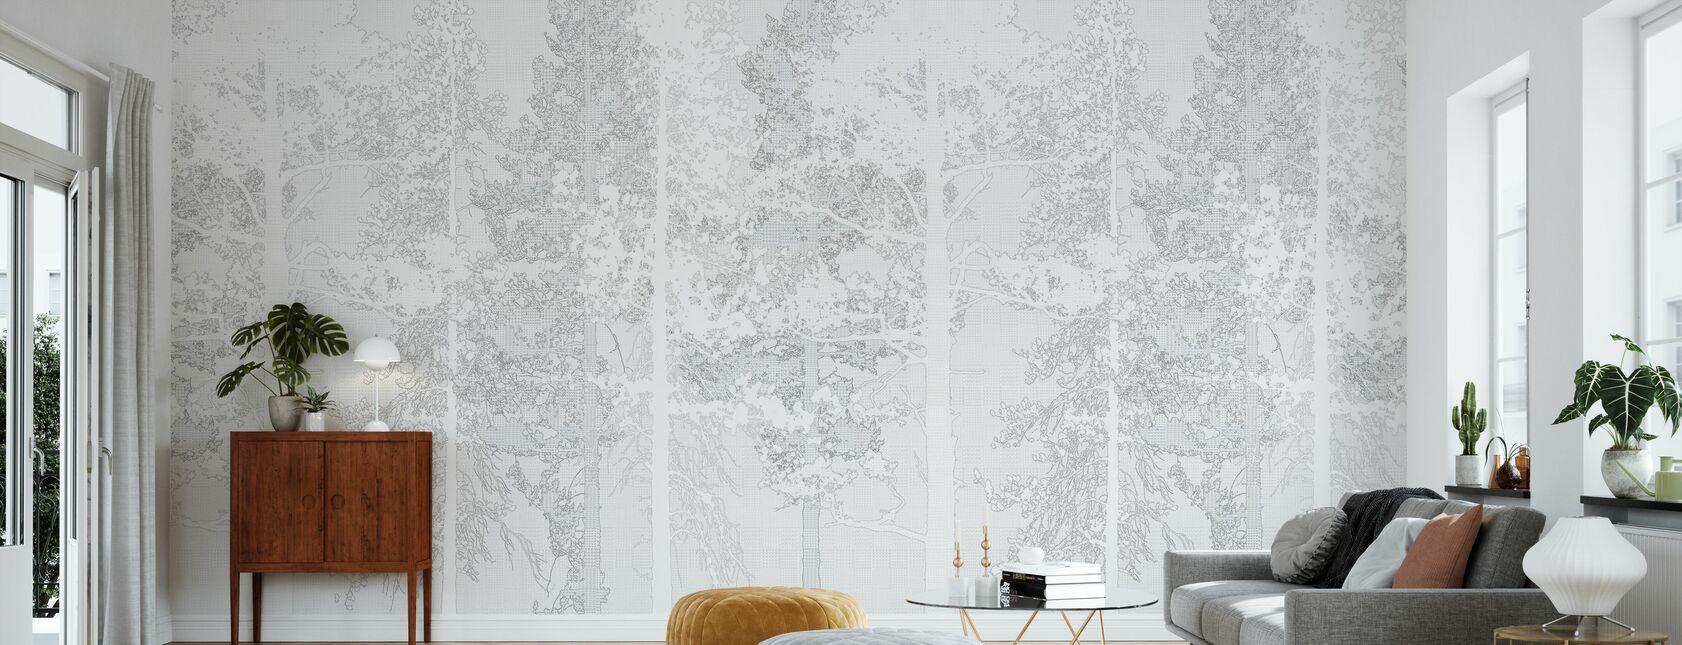 Weaving Wood White - Wallpaper - Living Room